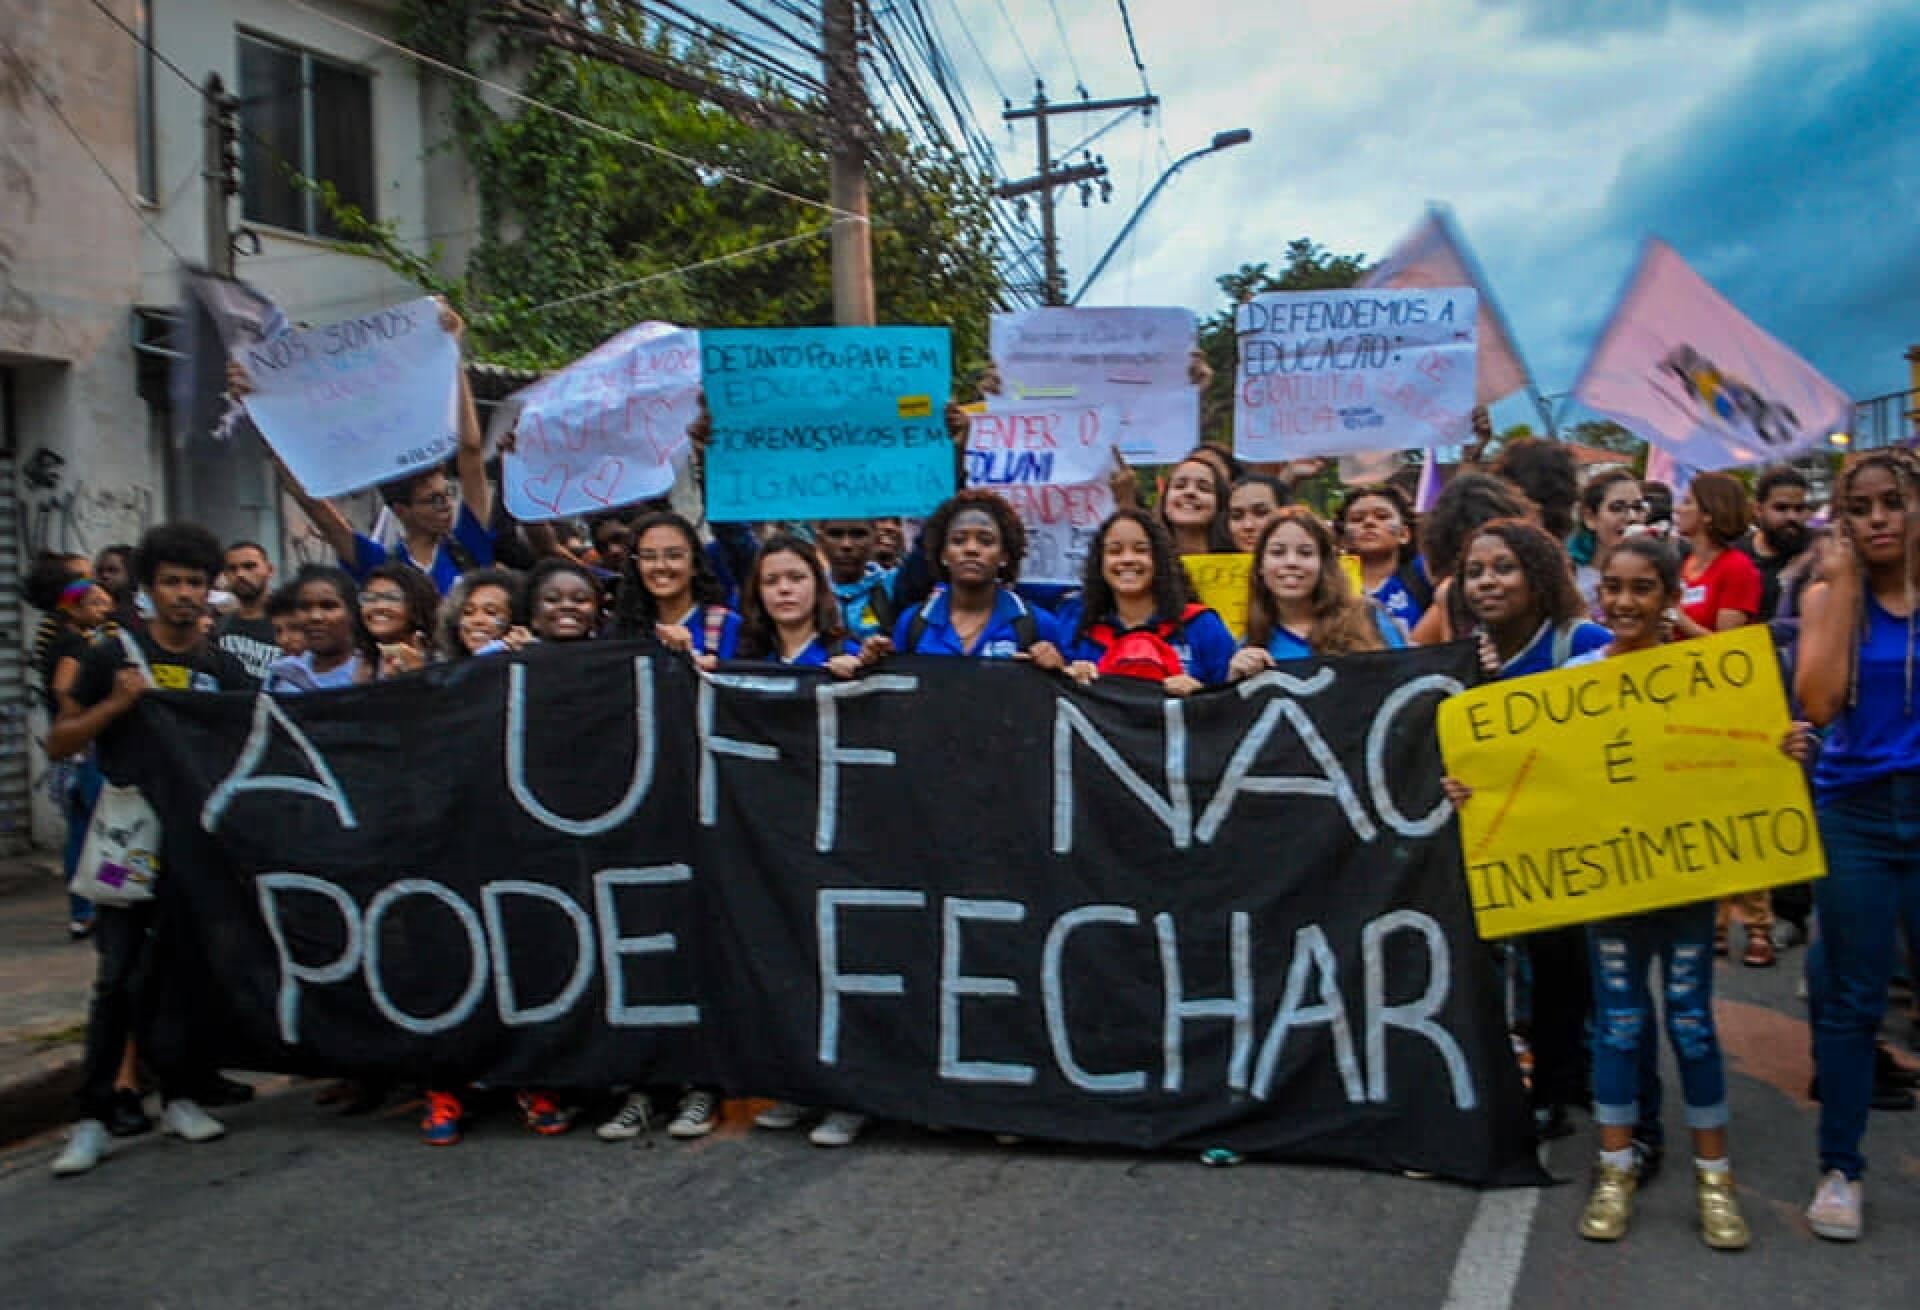 Alunos e professores da UFF saem pelas ruas de Niterói /Foto: Reprodução